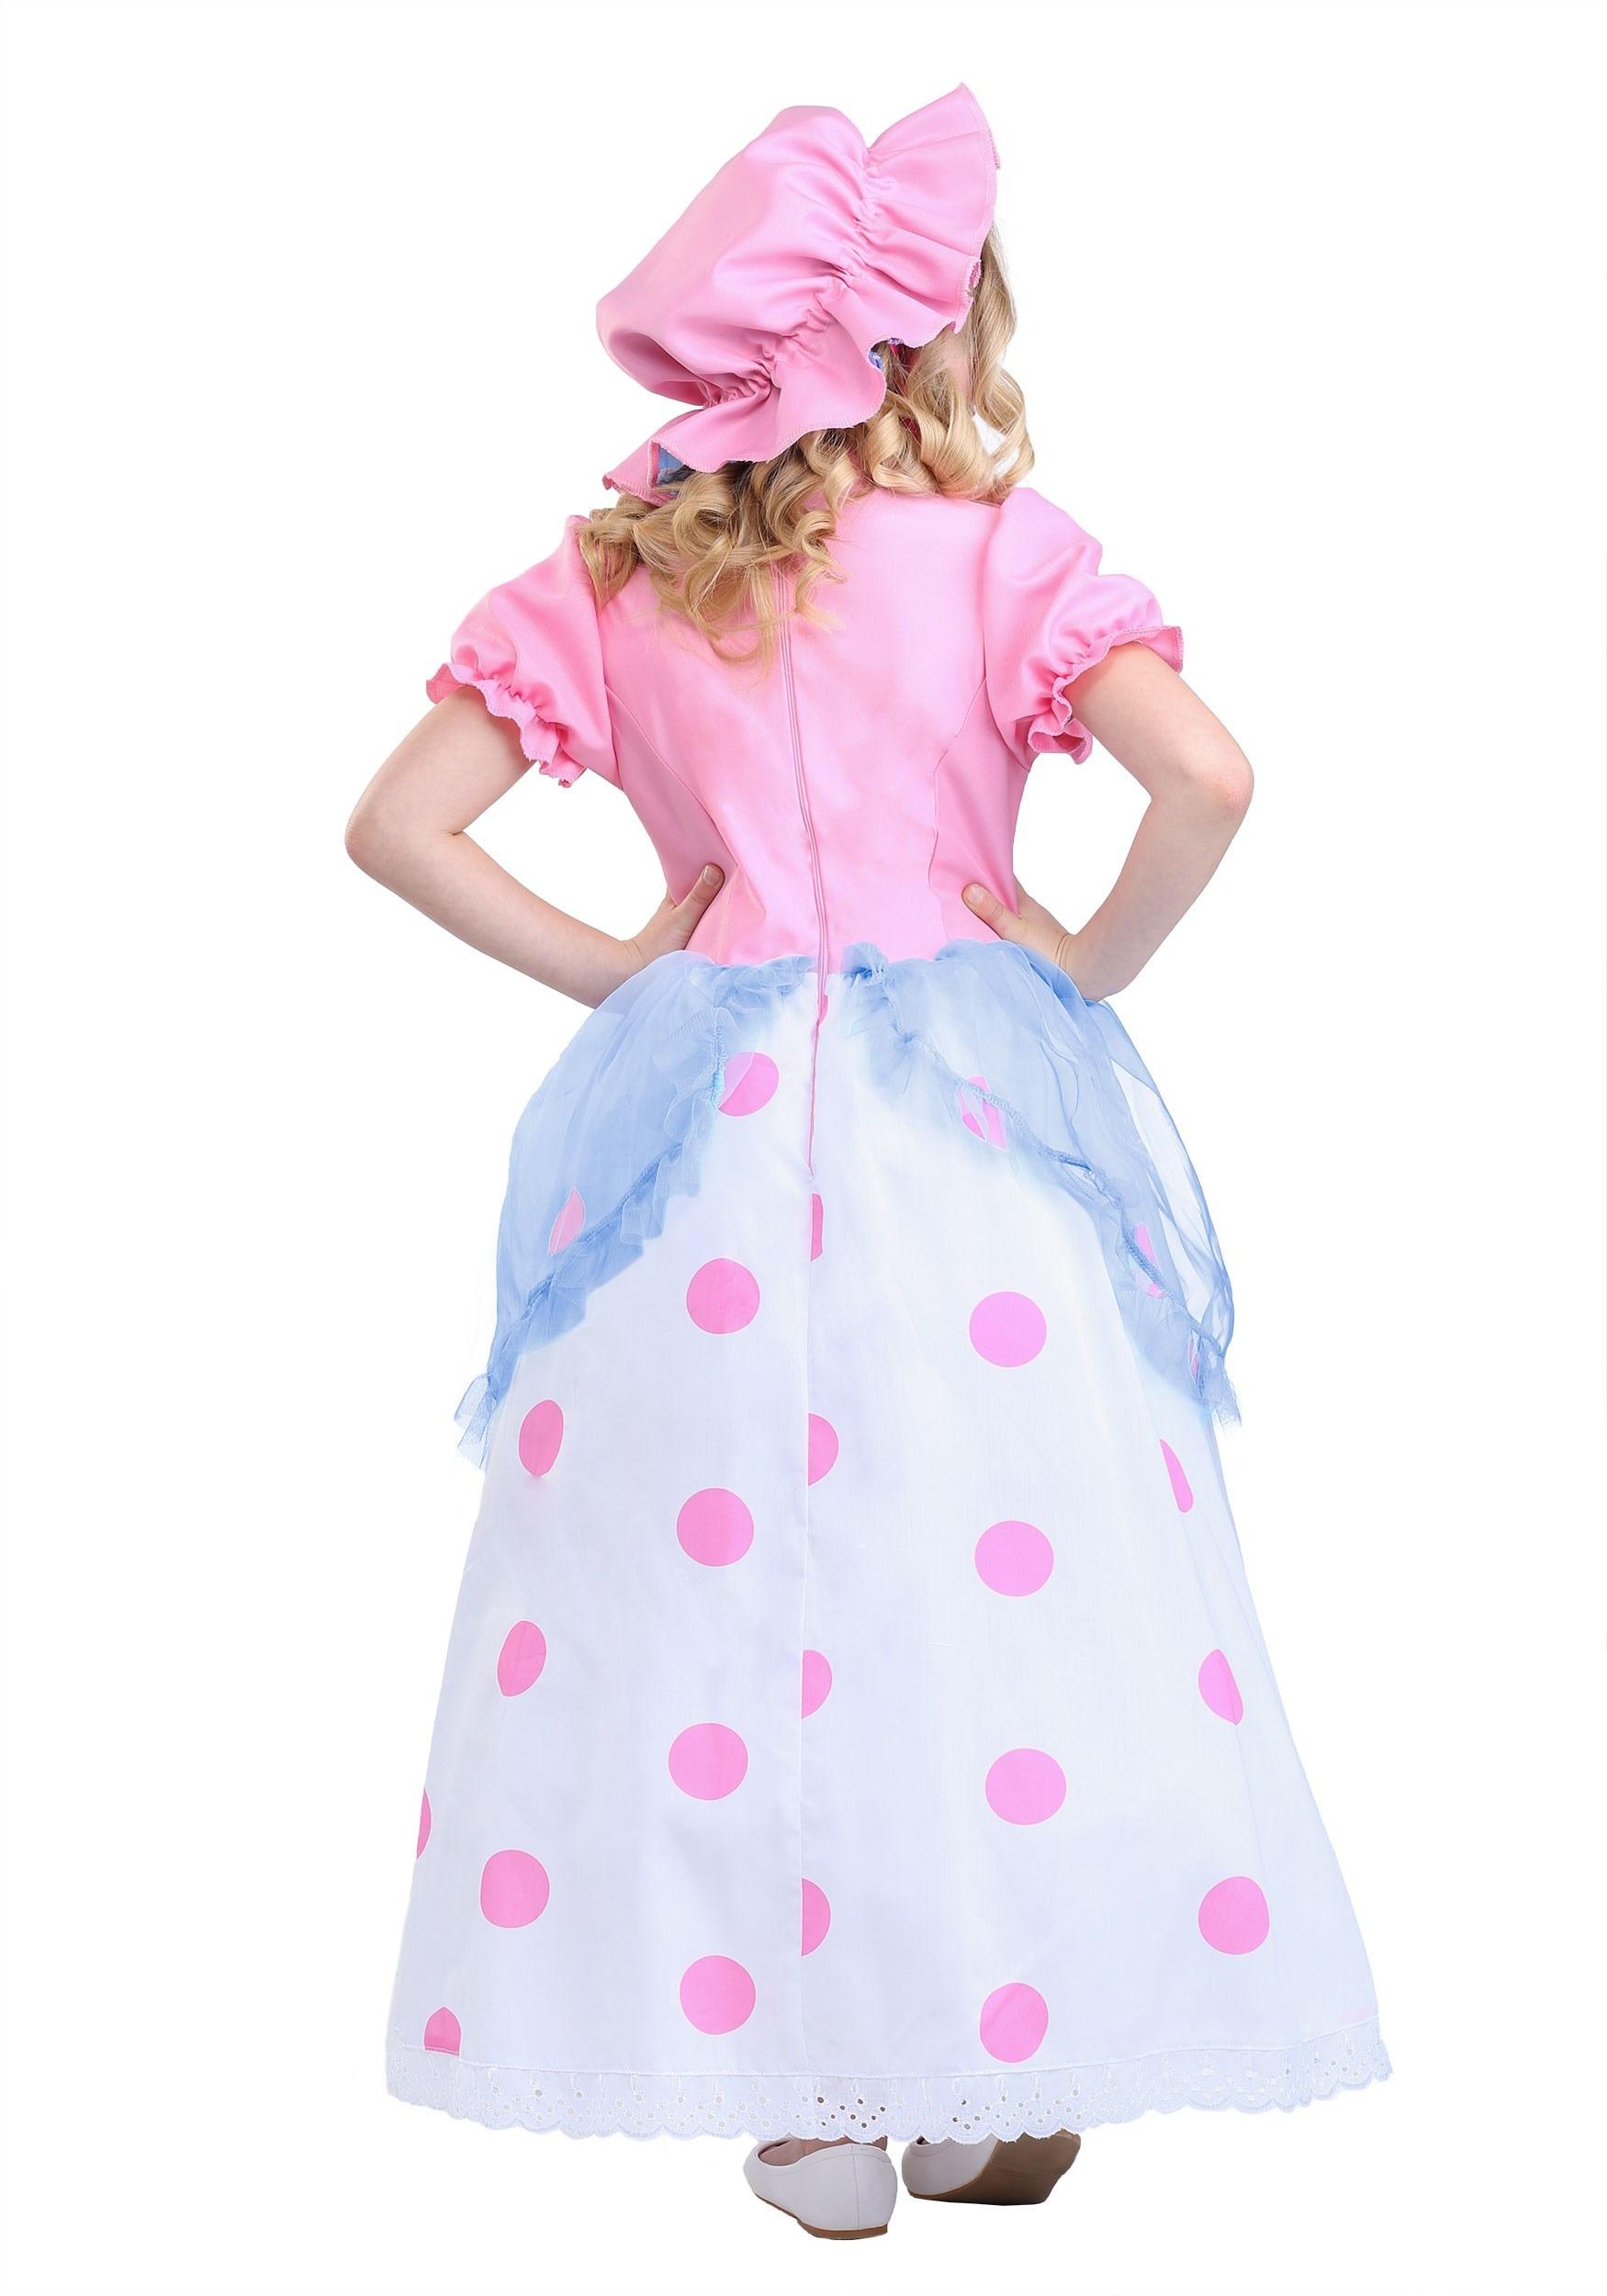 Little Bo Peep Costume For Girls